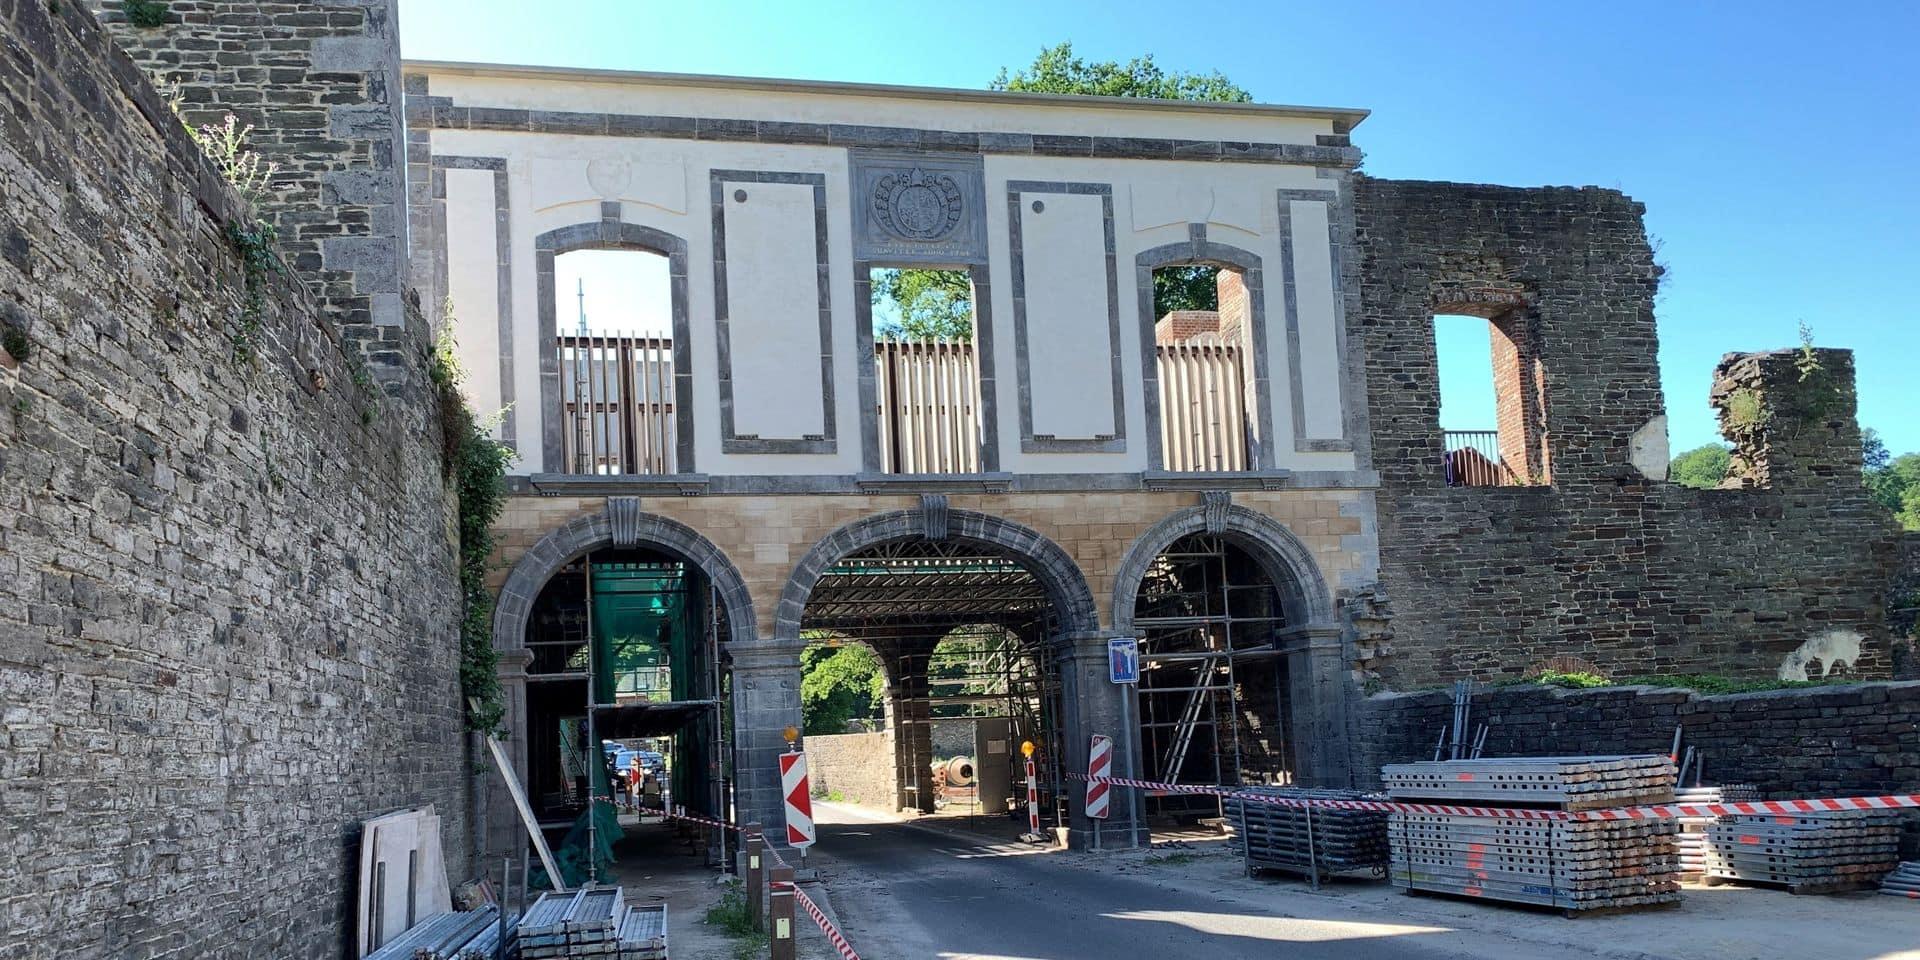 Les arcades de l'abbaye de Villers se dévoilent, le chantier est presque terminé